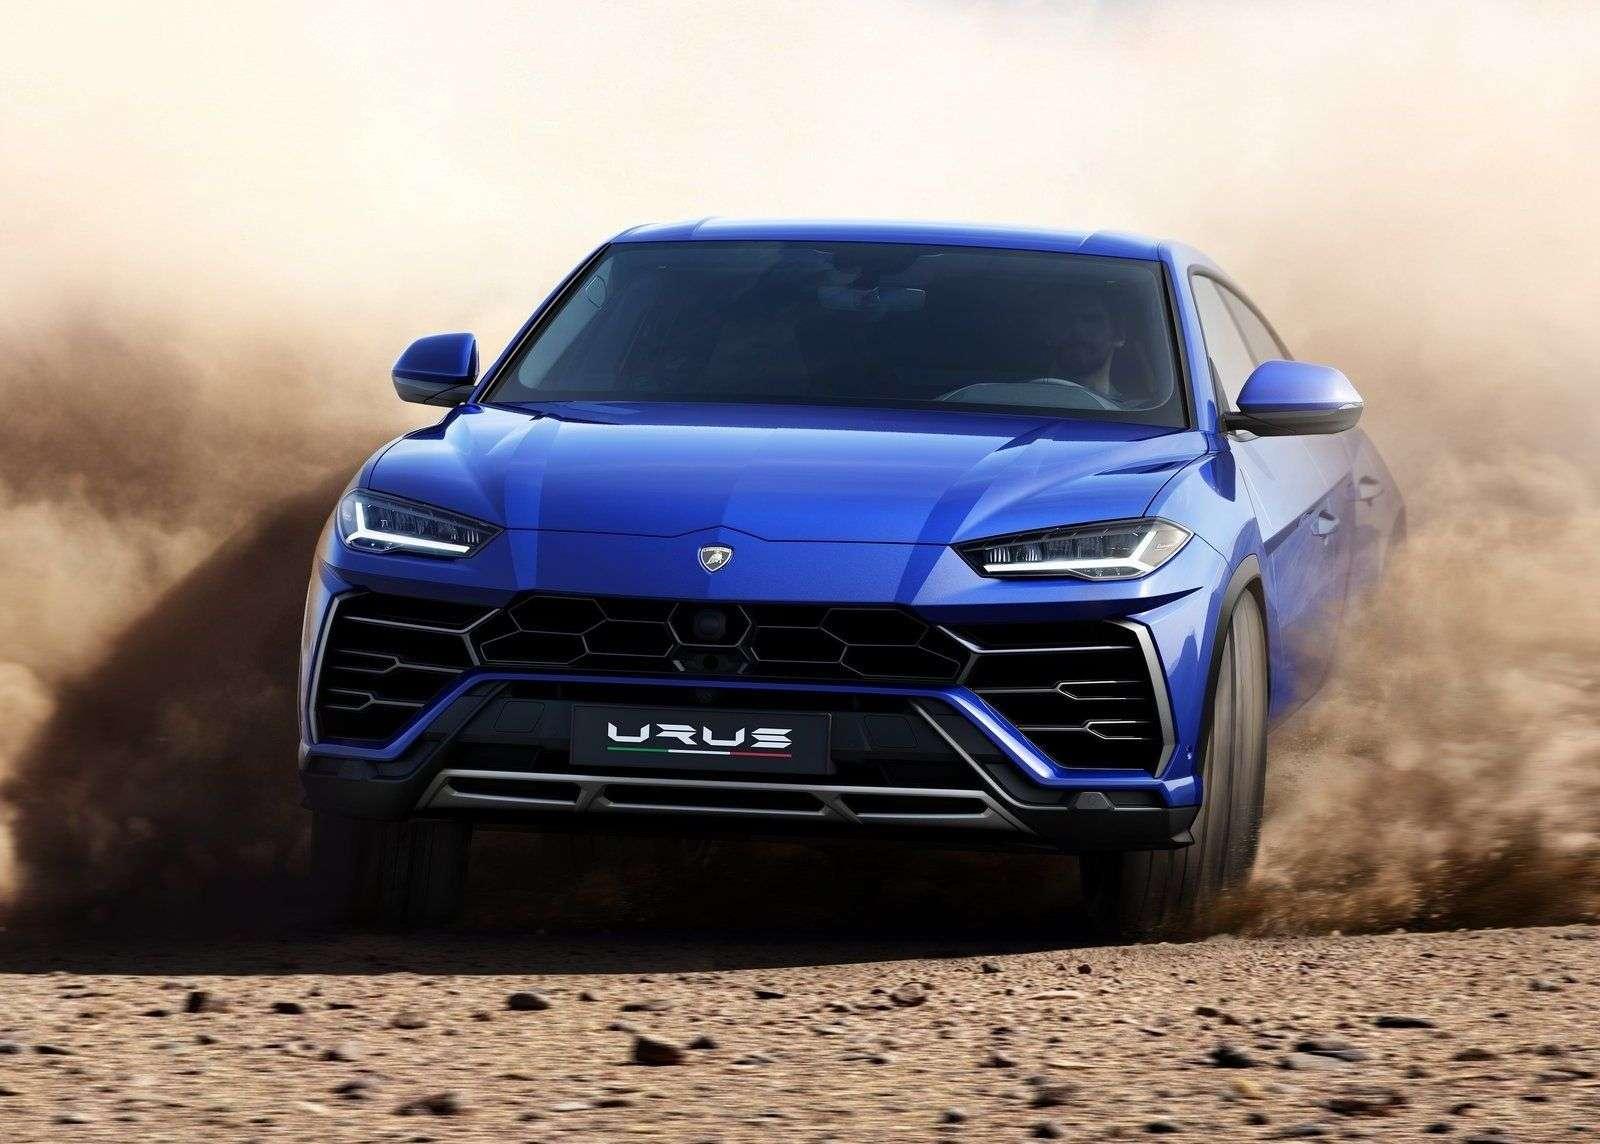 1512662888 novyy lamborghini urus 2019 - Обзор кроссовера Lamborghini Urus 2019